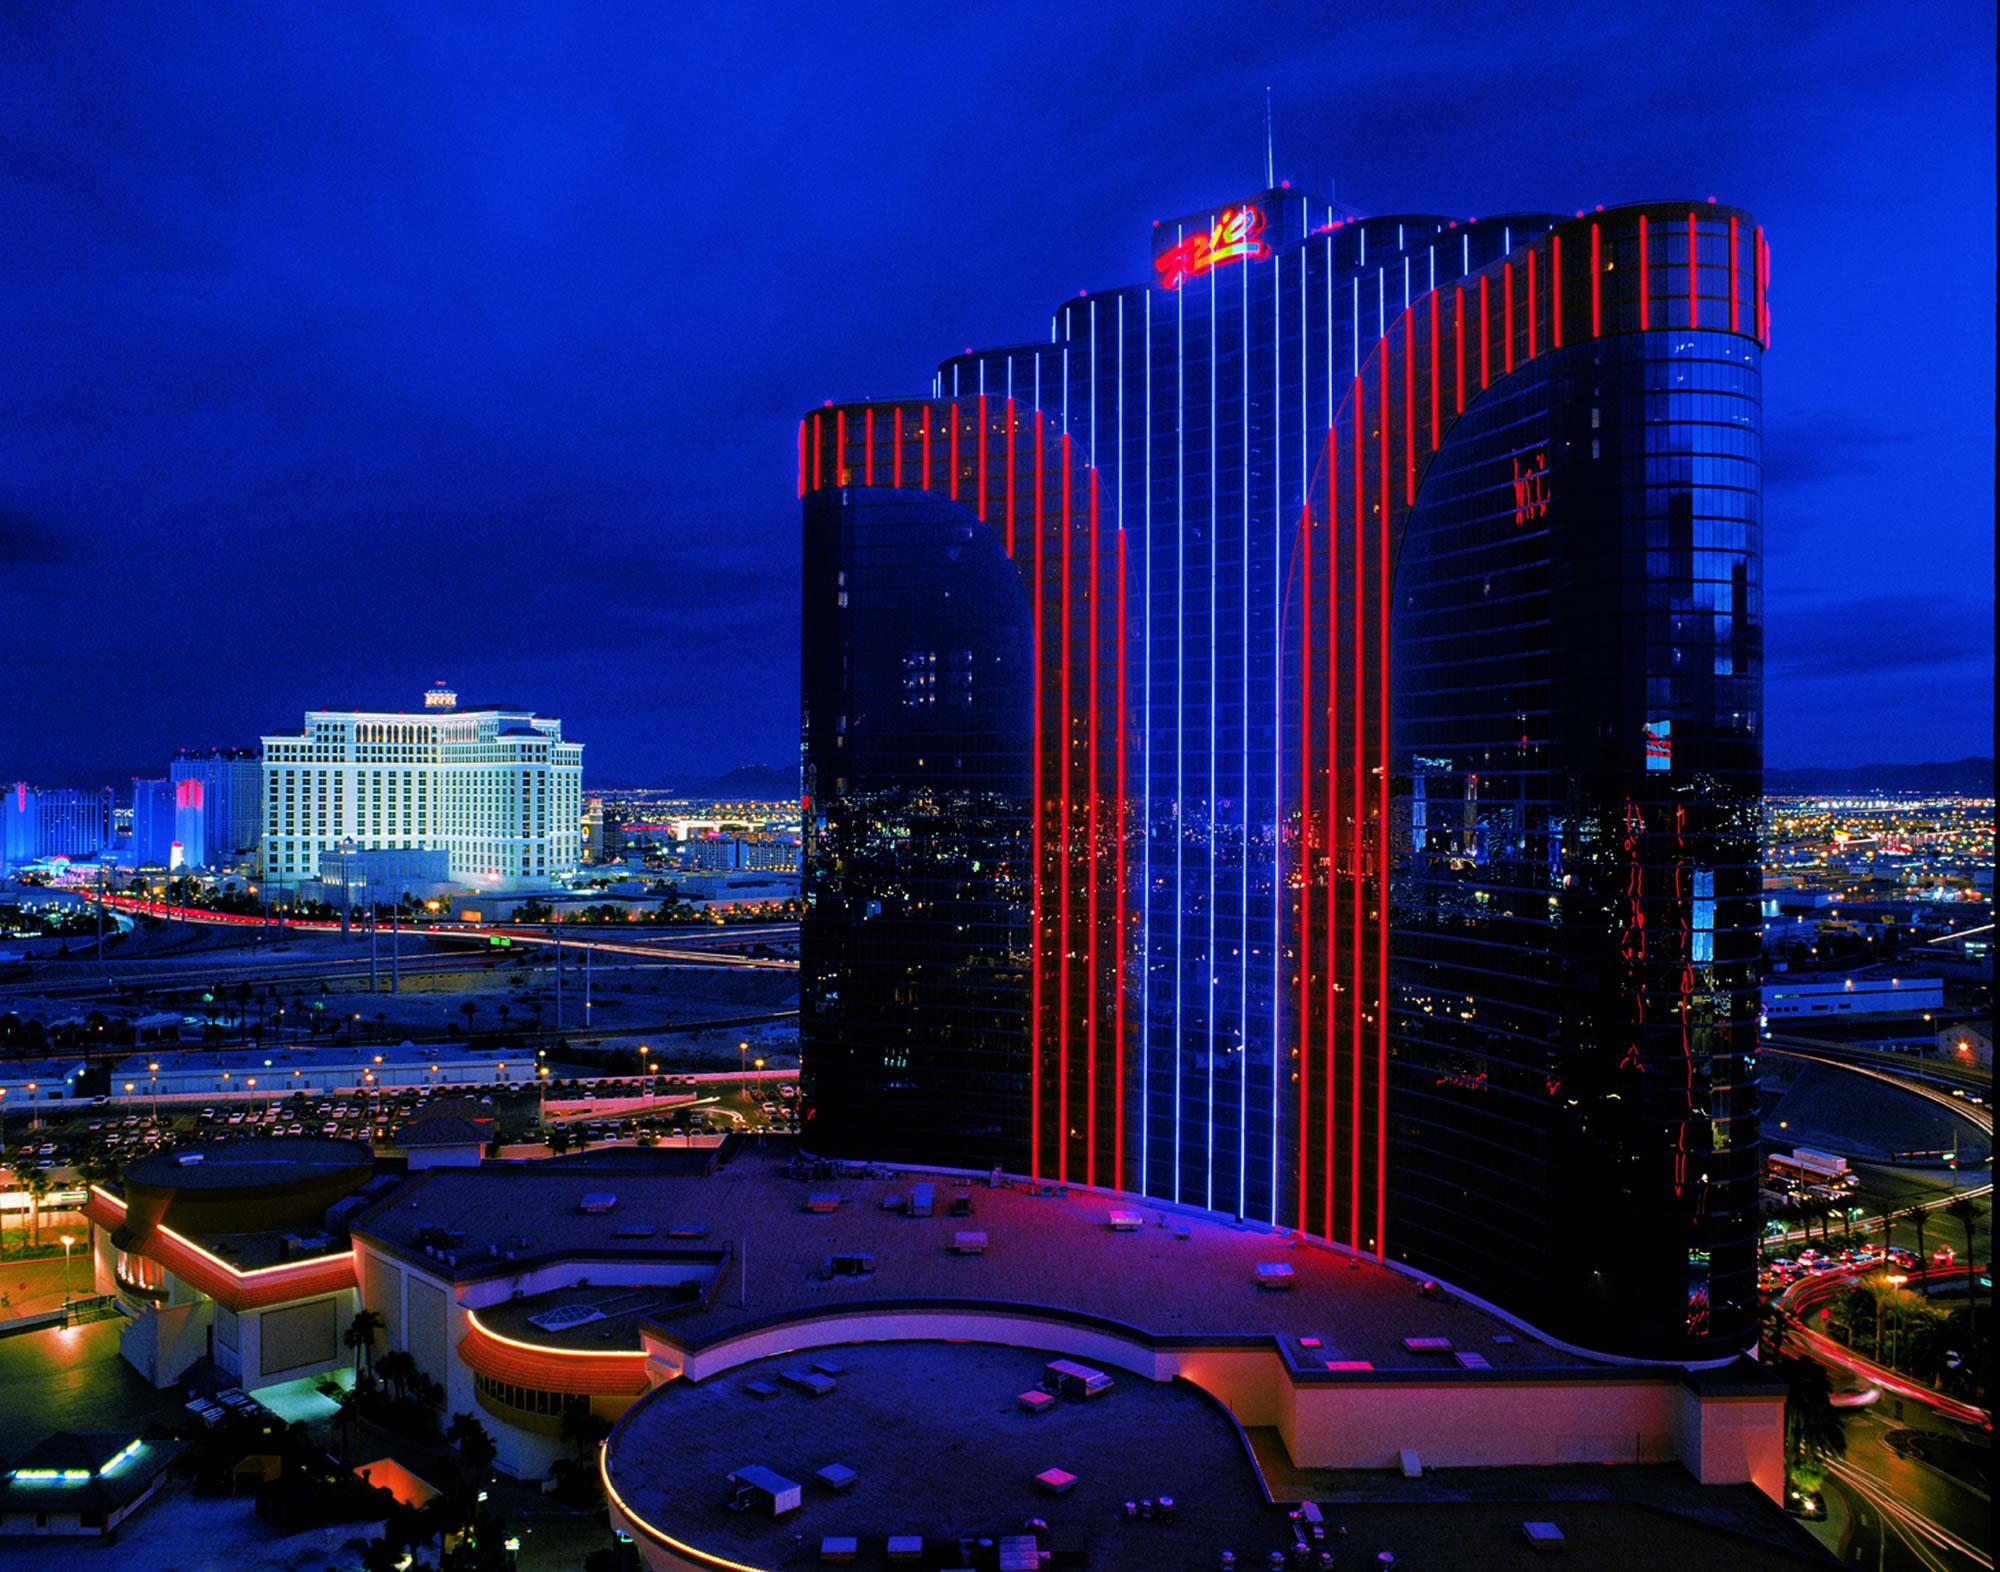 Rio Hotel And Casino